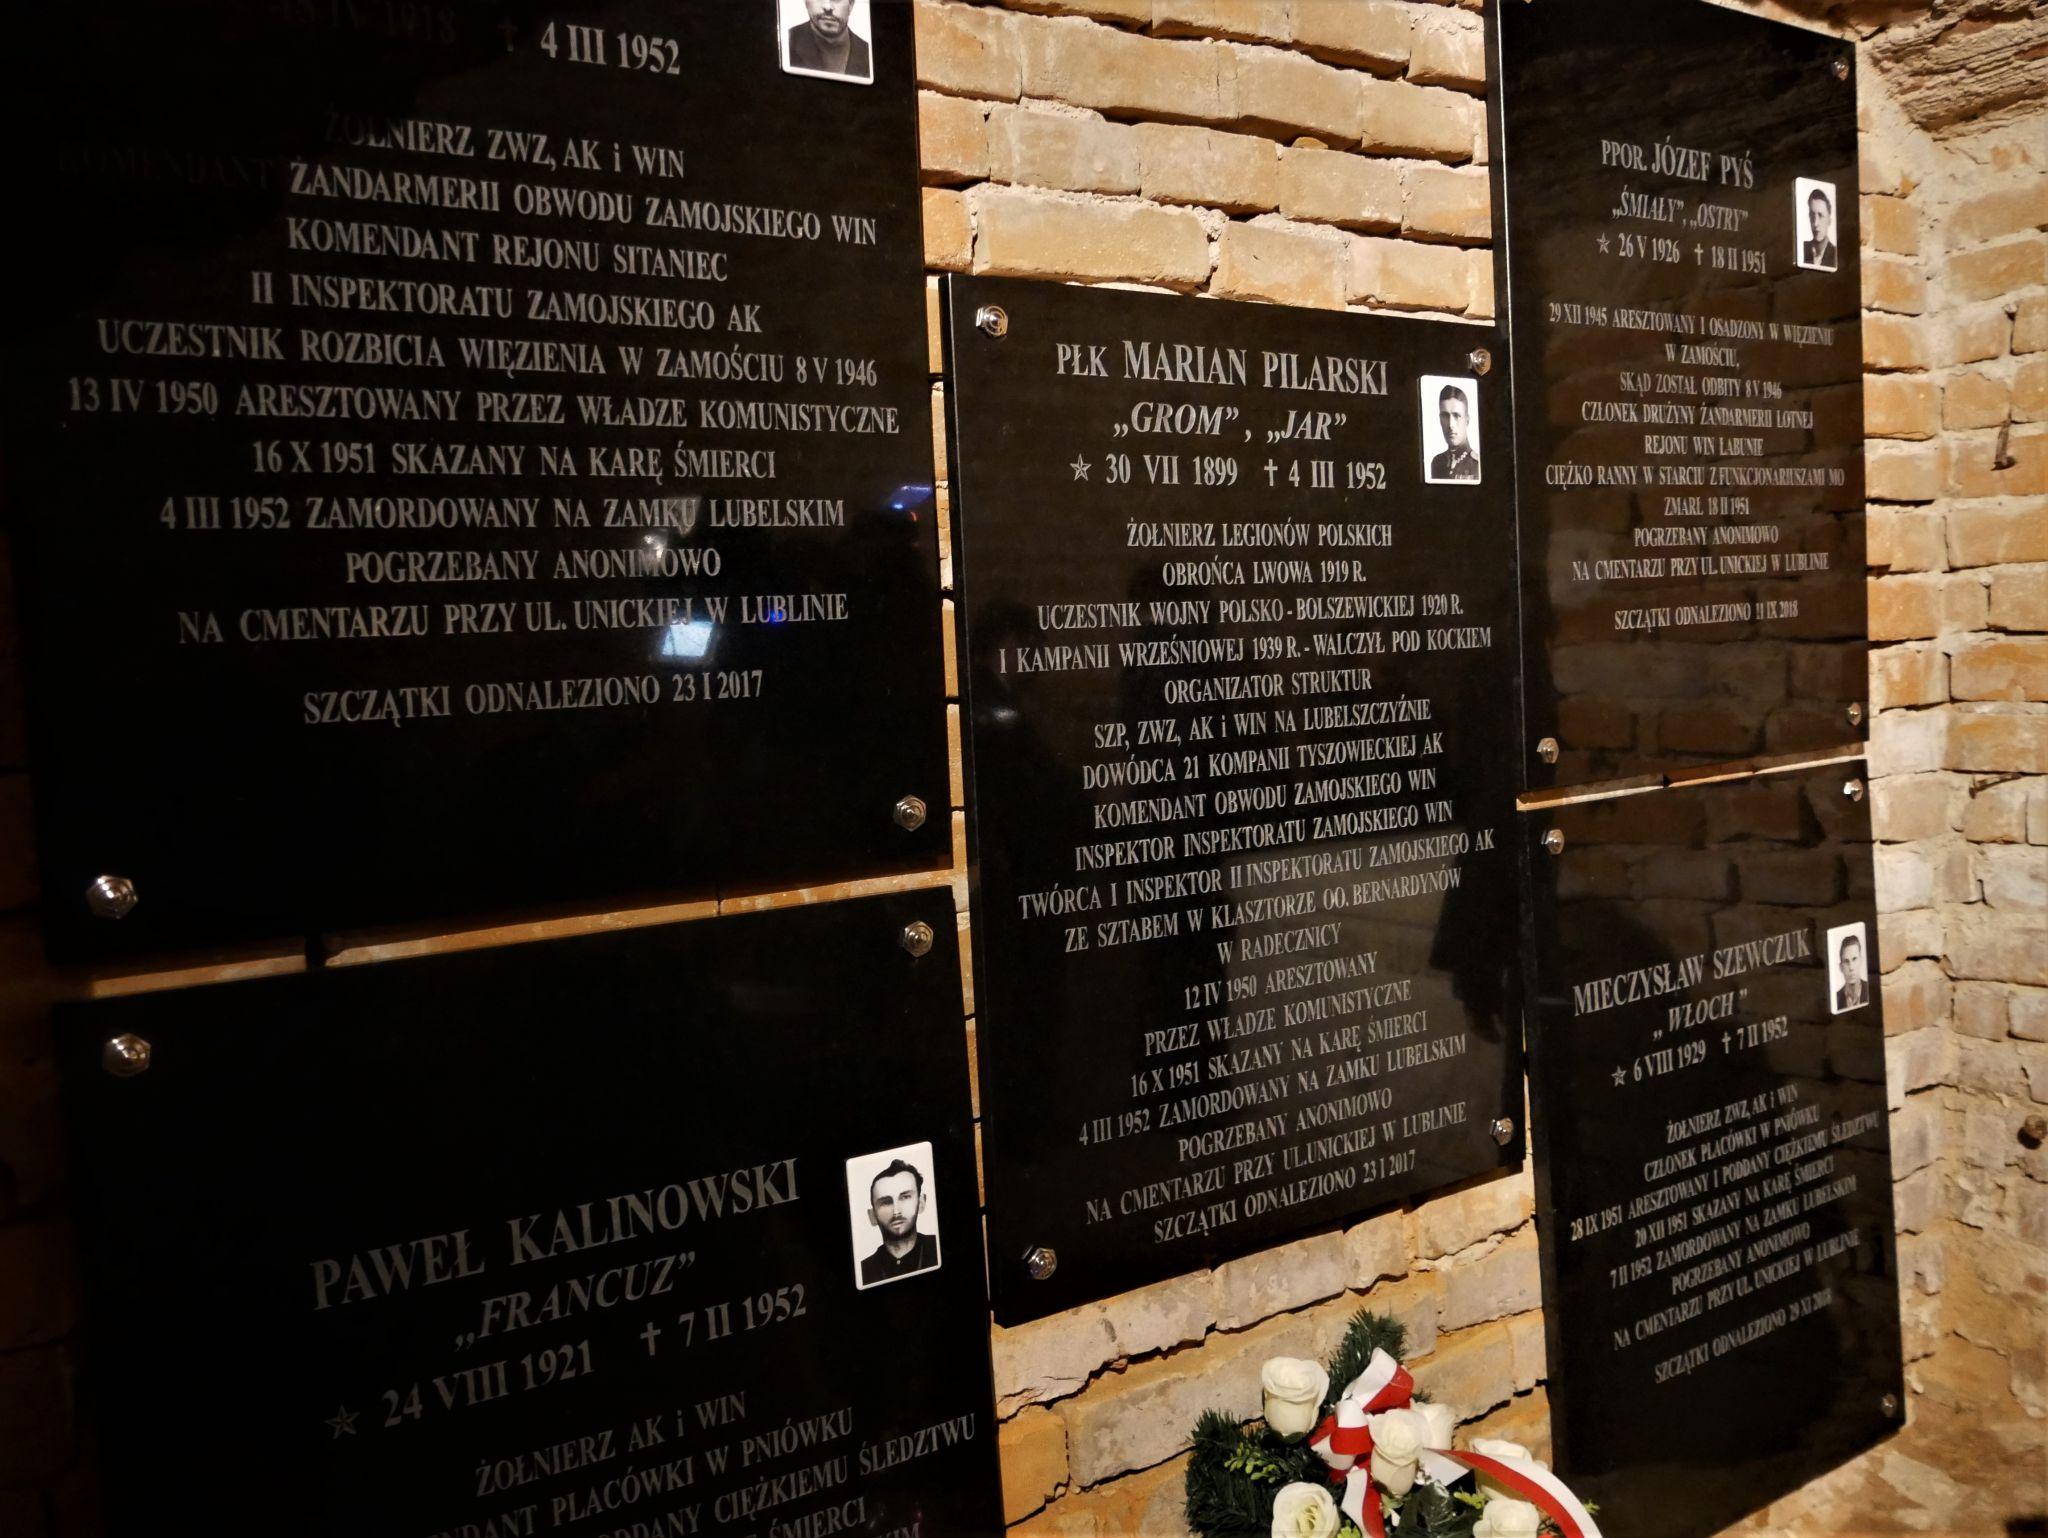 p1140046 Piękne pożegnanie trzech odnalezionych żołnierzy II Inspektoratu Zamojskiego AK [FOTORELACJA]